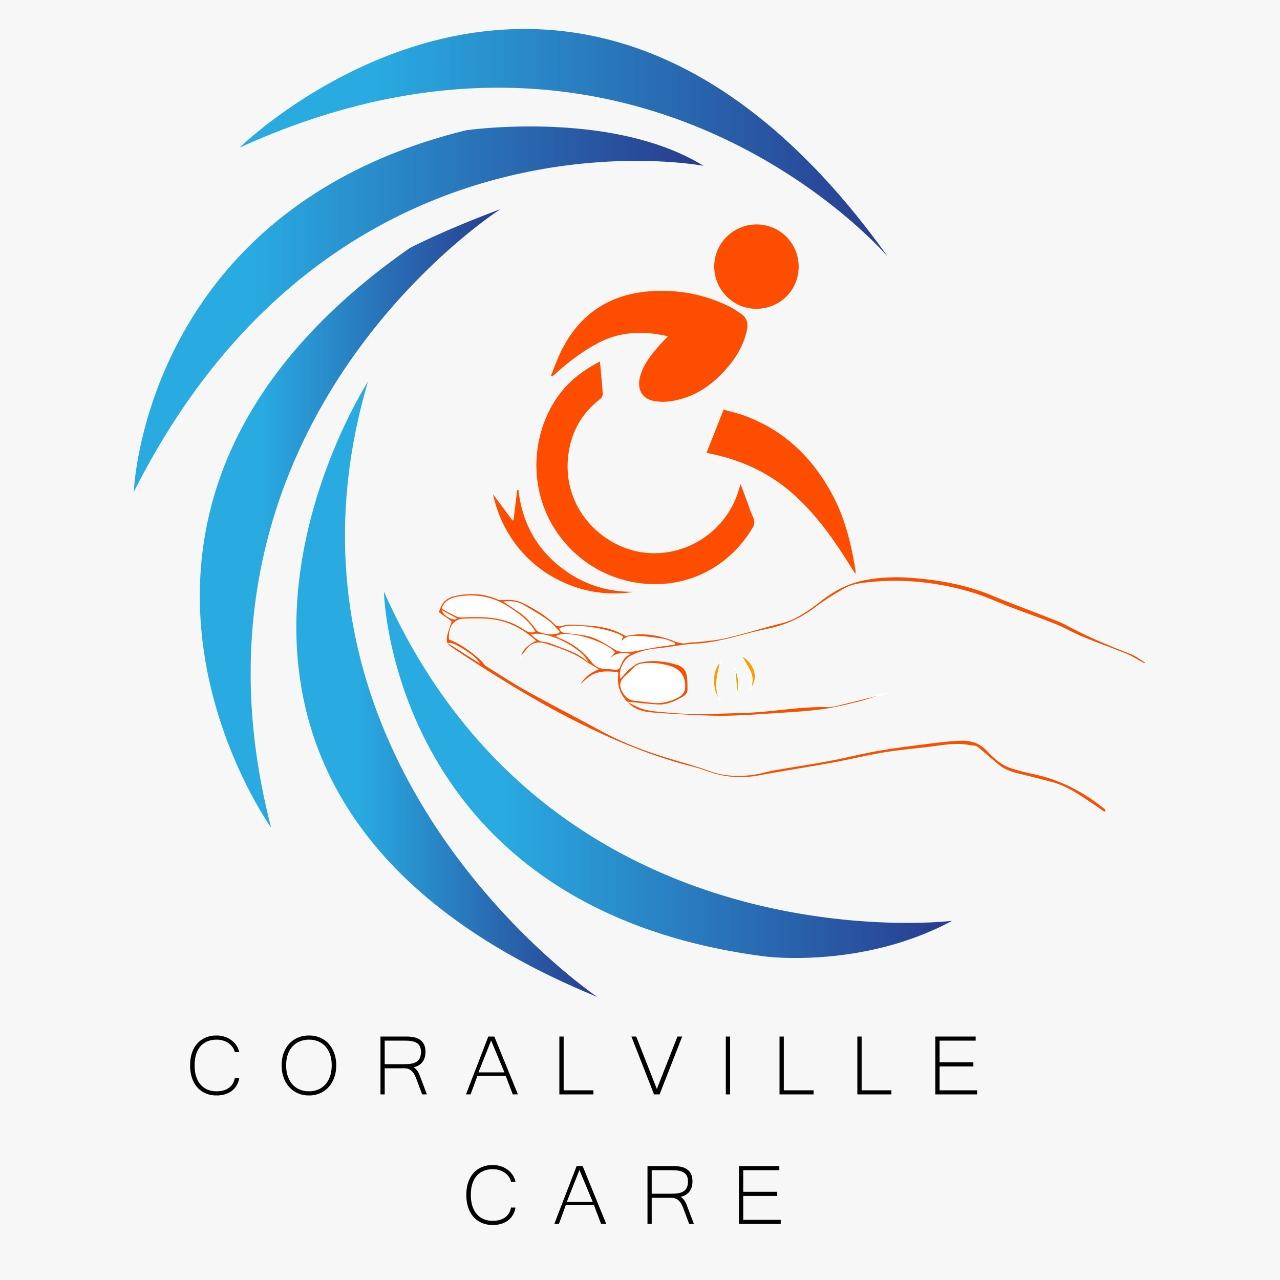 Coralville Care